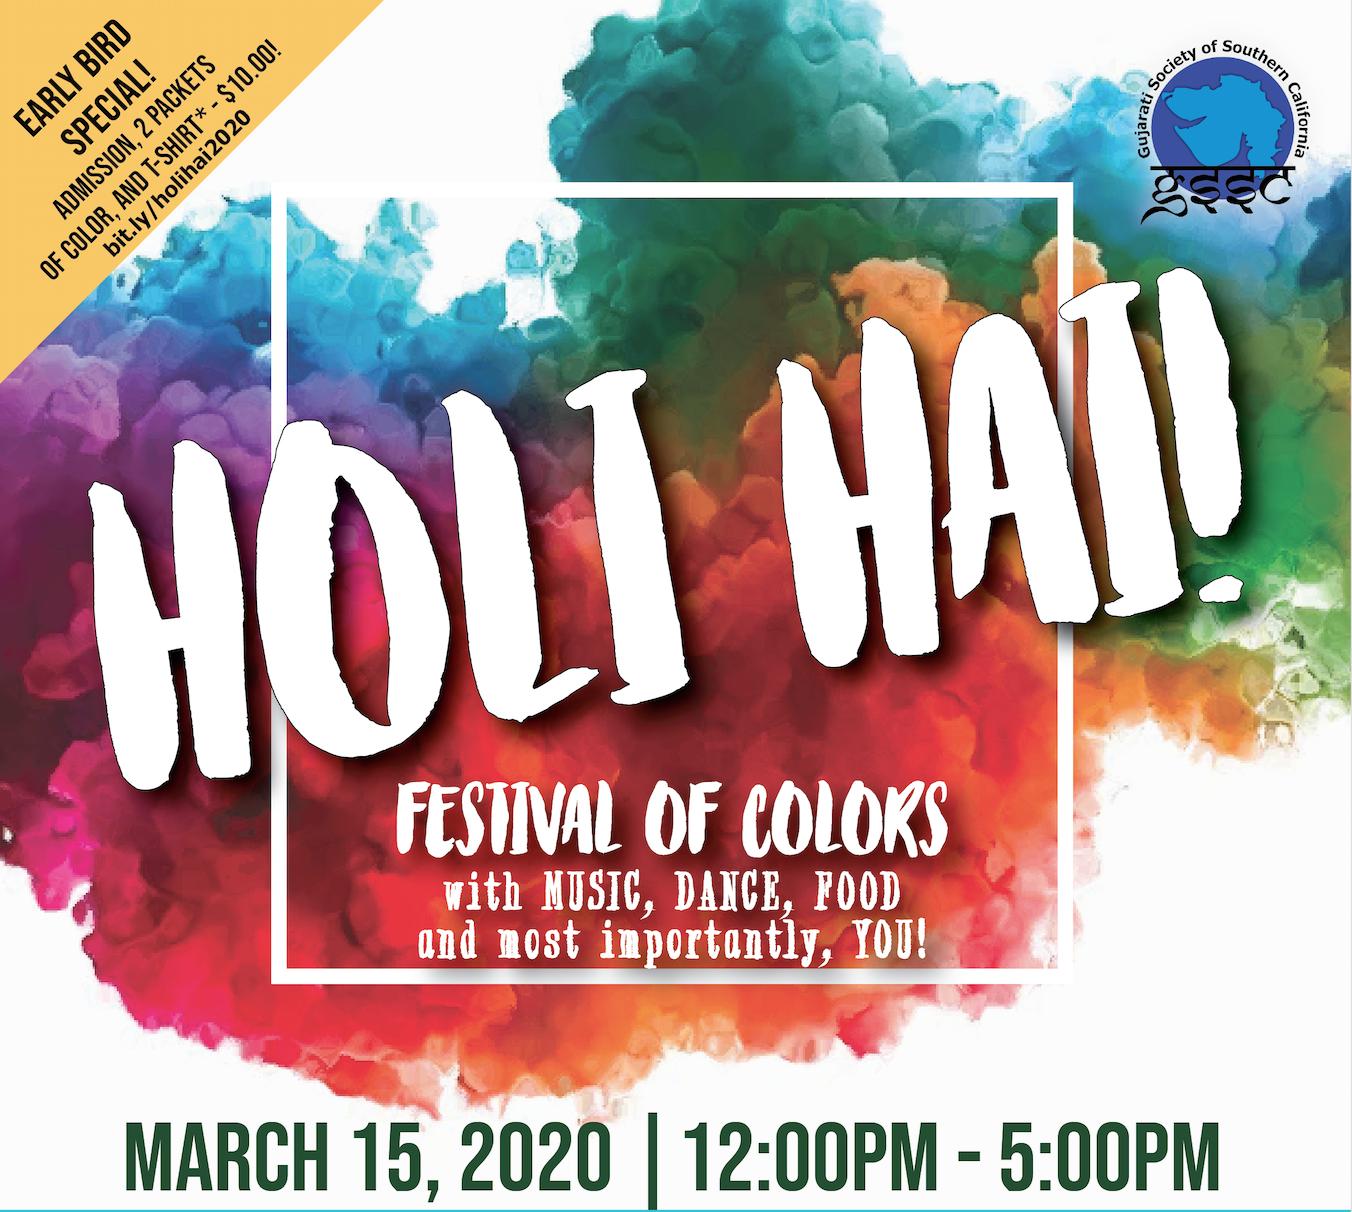 Holi Hai Festival of Colors